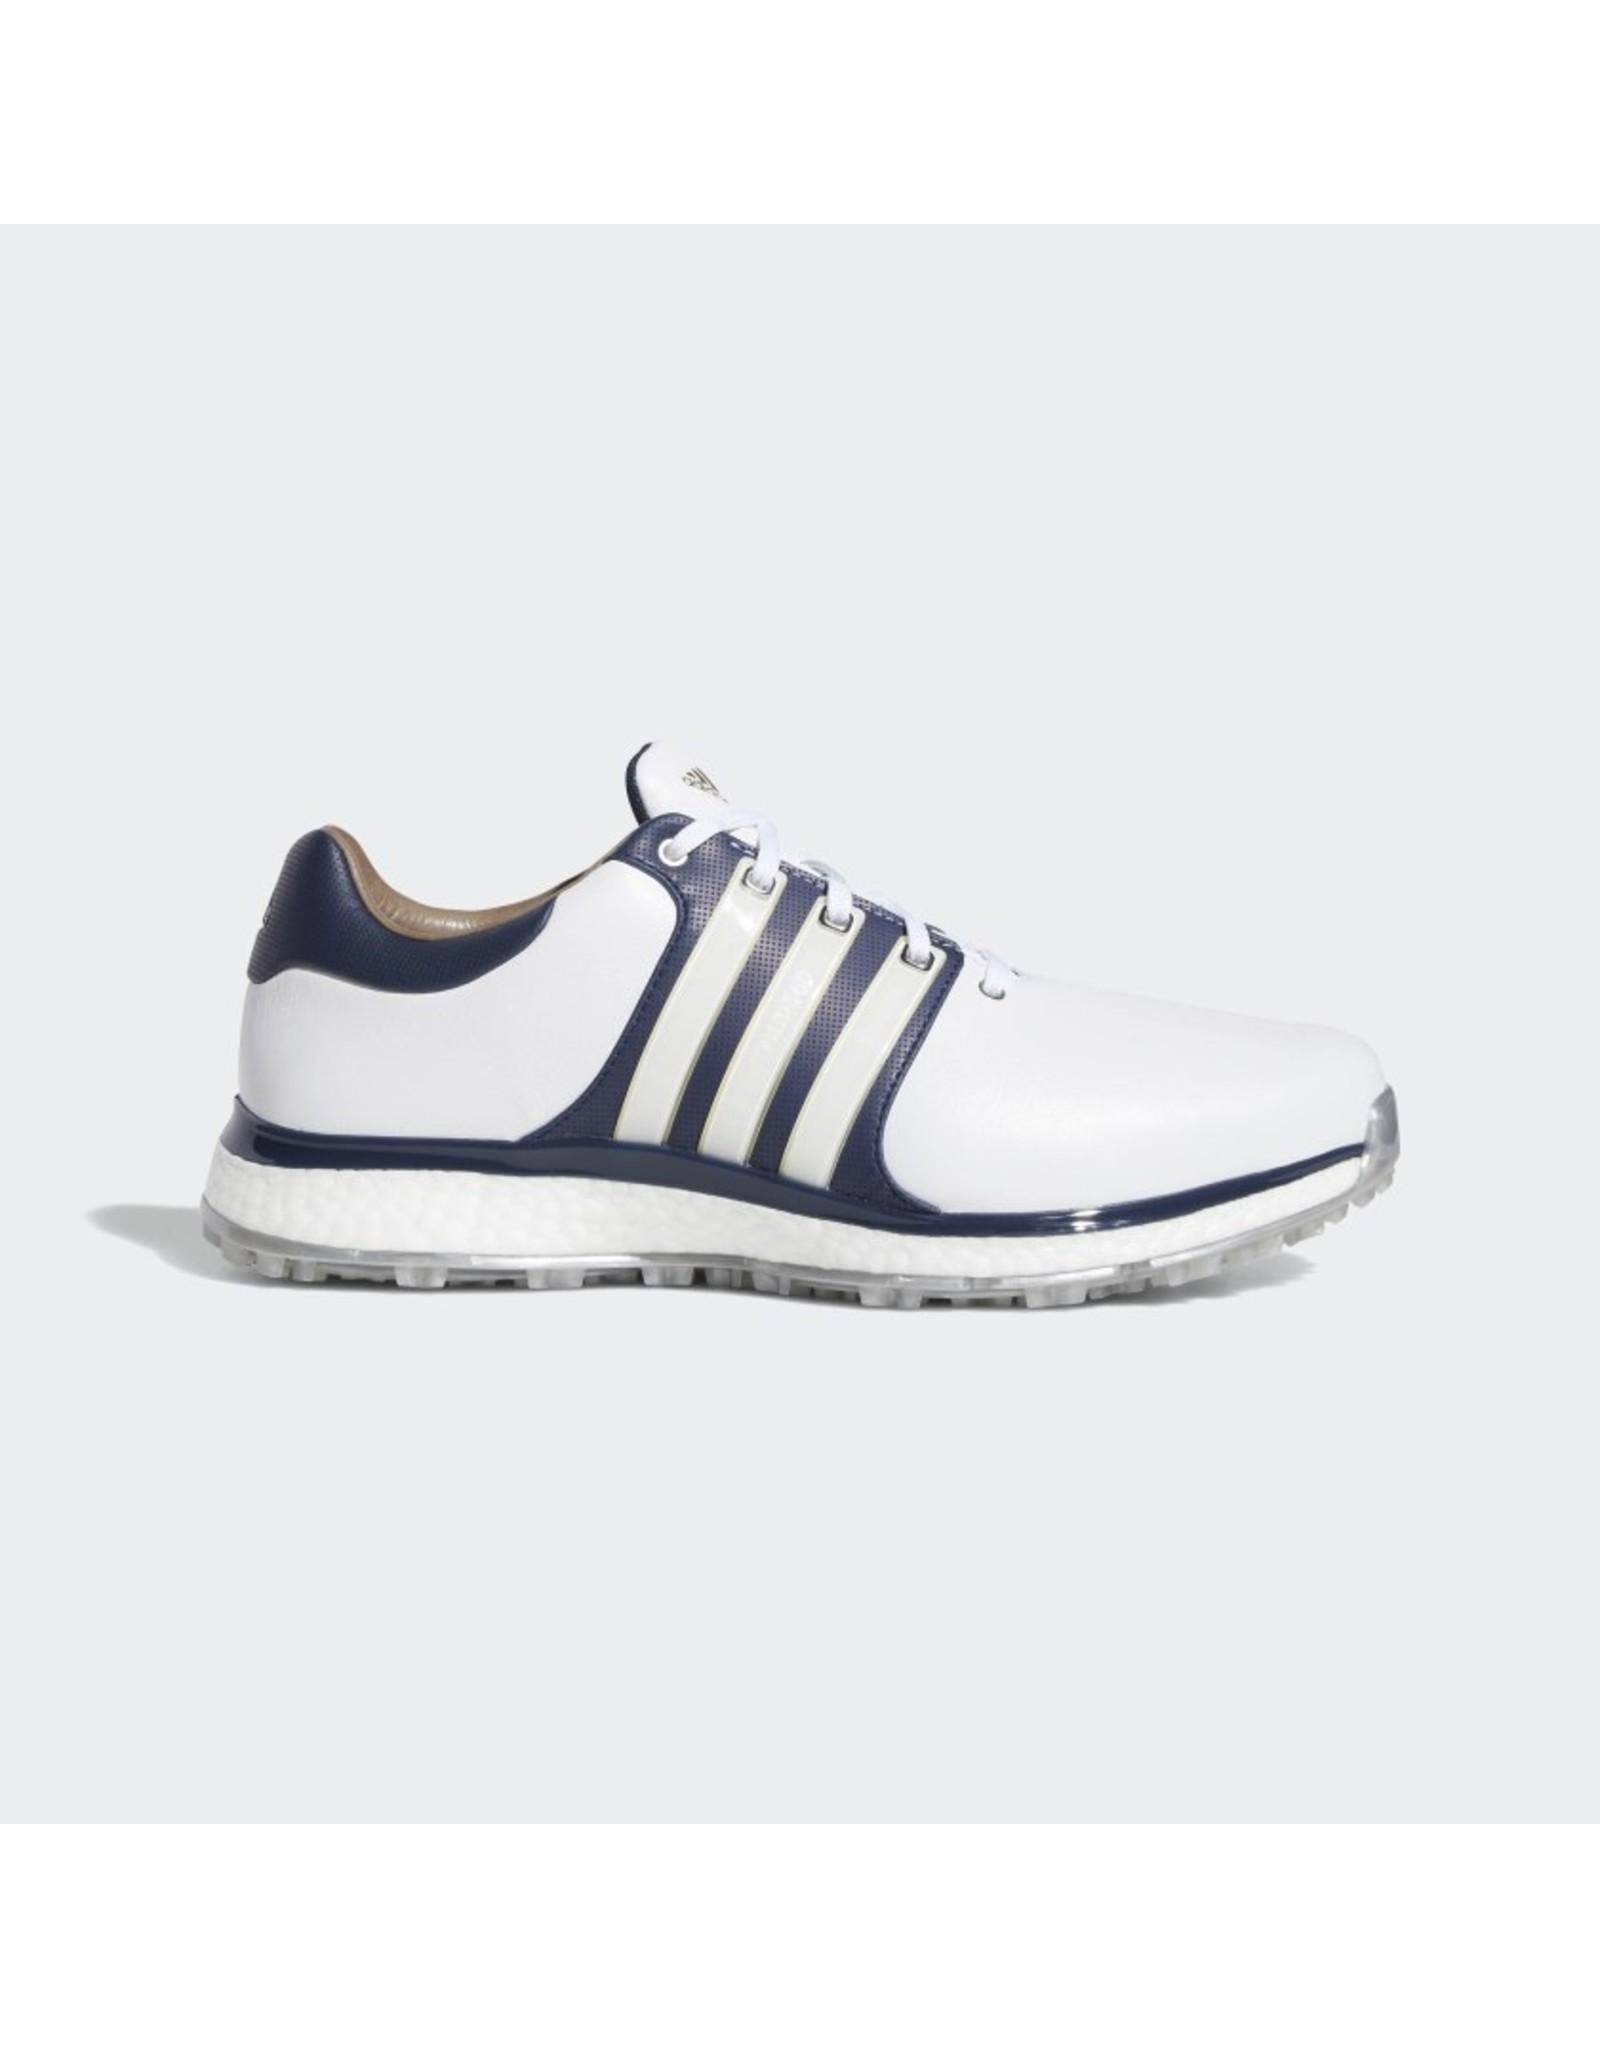 Adidas Adidas TOUR360 XT-SL White/Navy